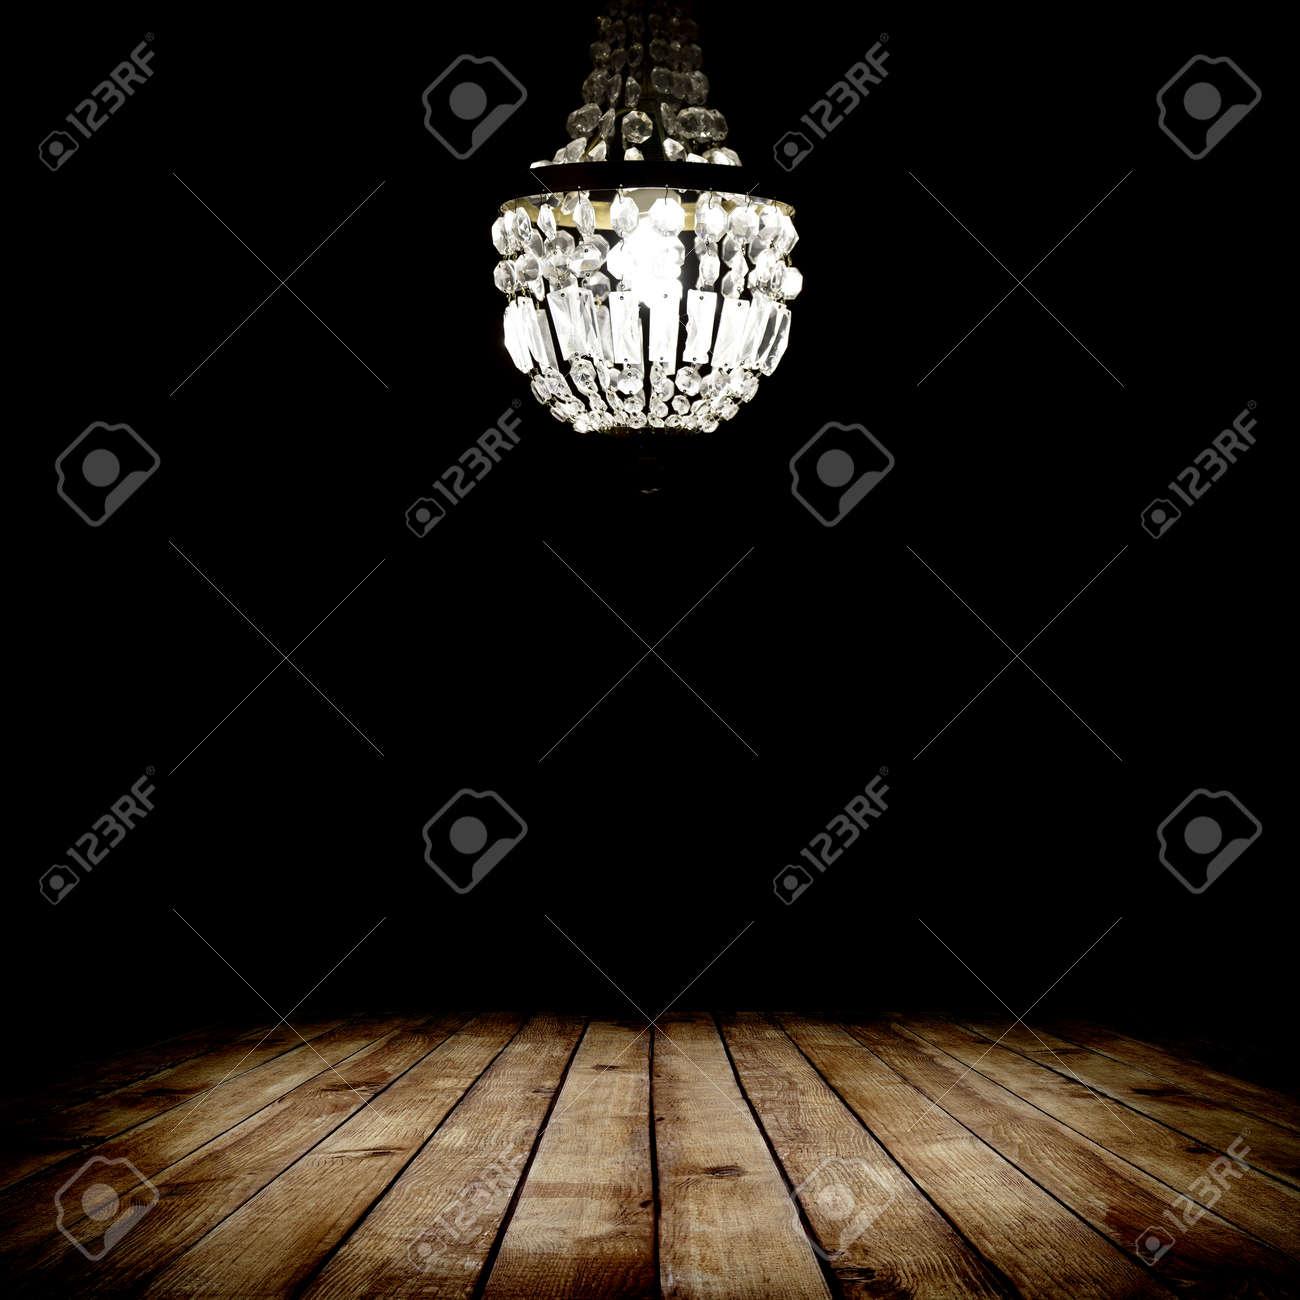 image de l'intérieur grunge chambre sombre avec plancher de bois et